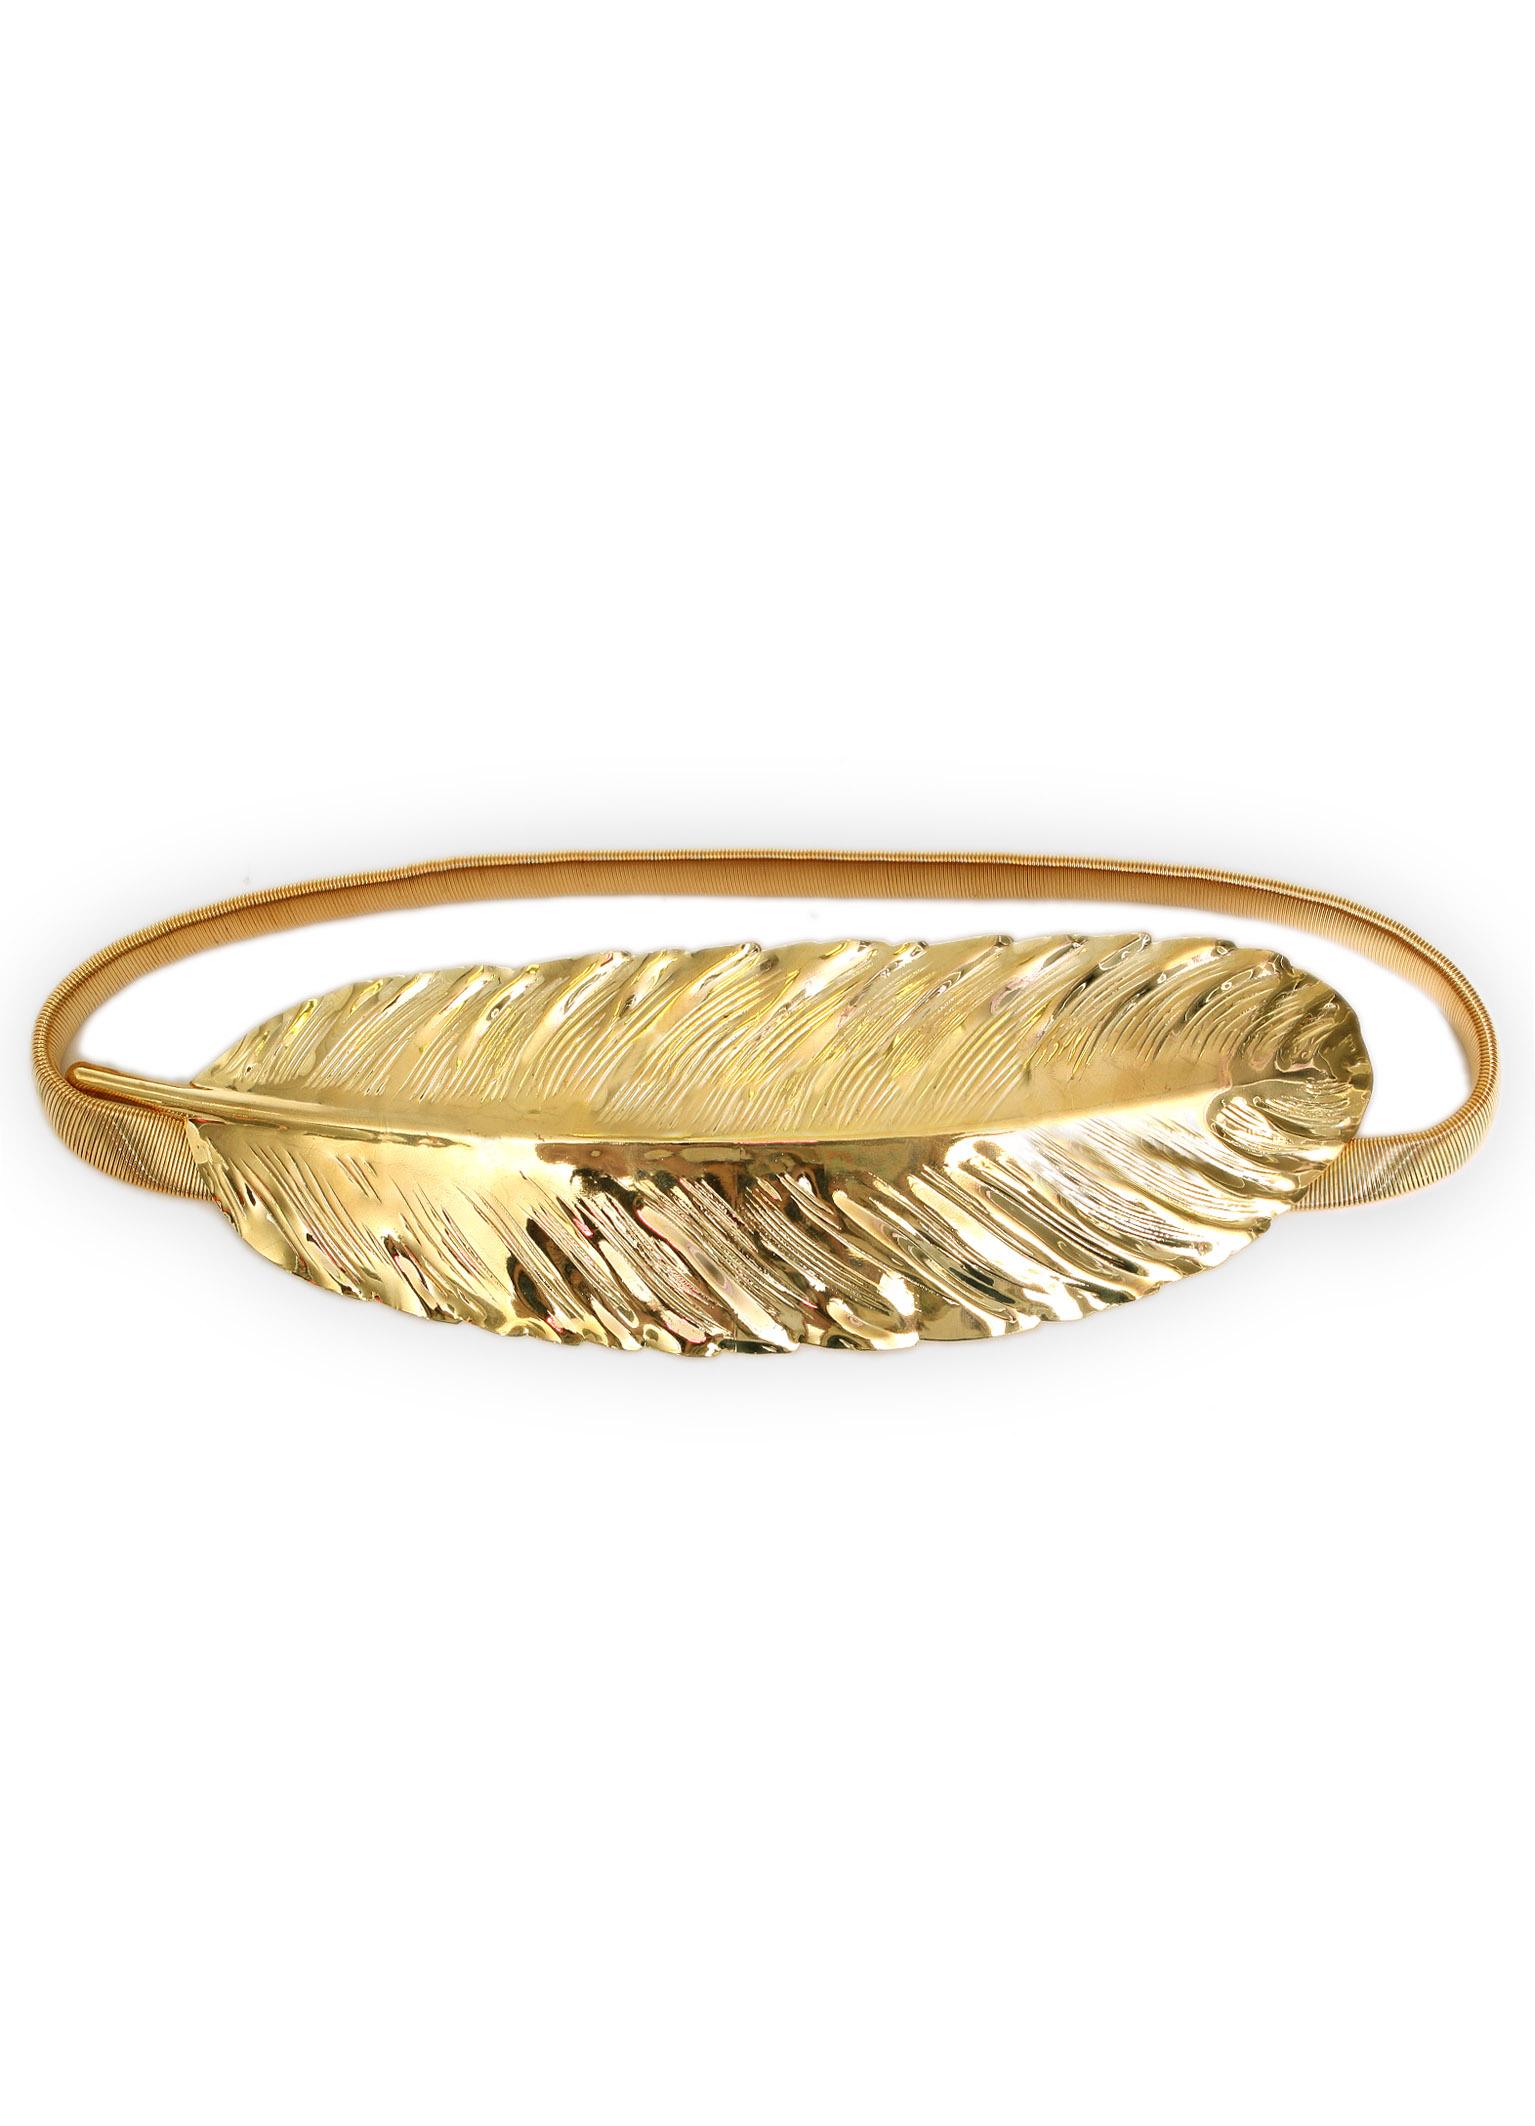 Bgo & me: Cartera de pedrería en oro y turquesa